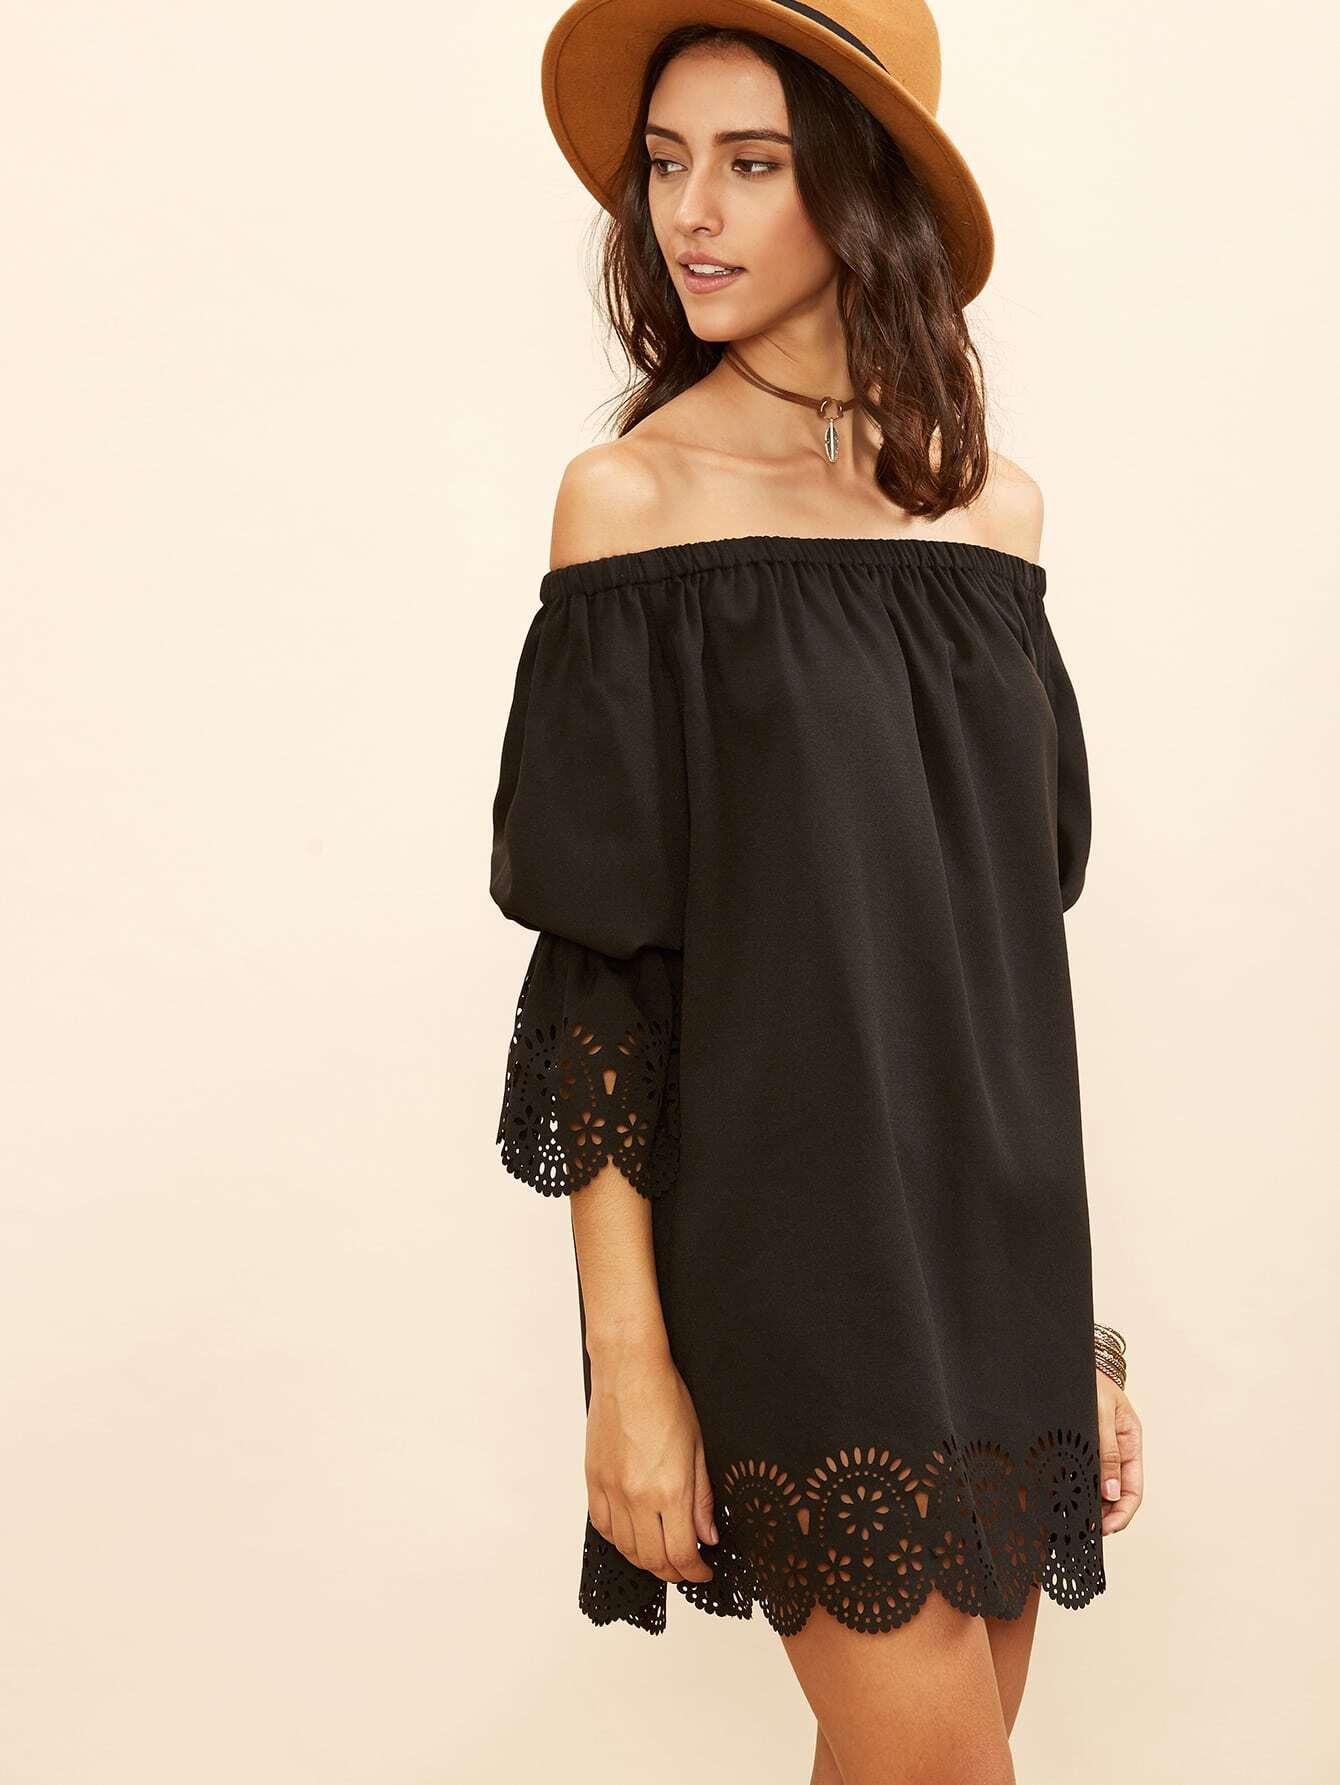 dress160901506_2